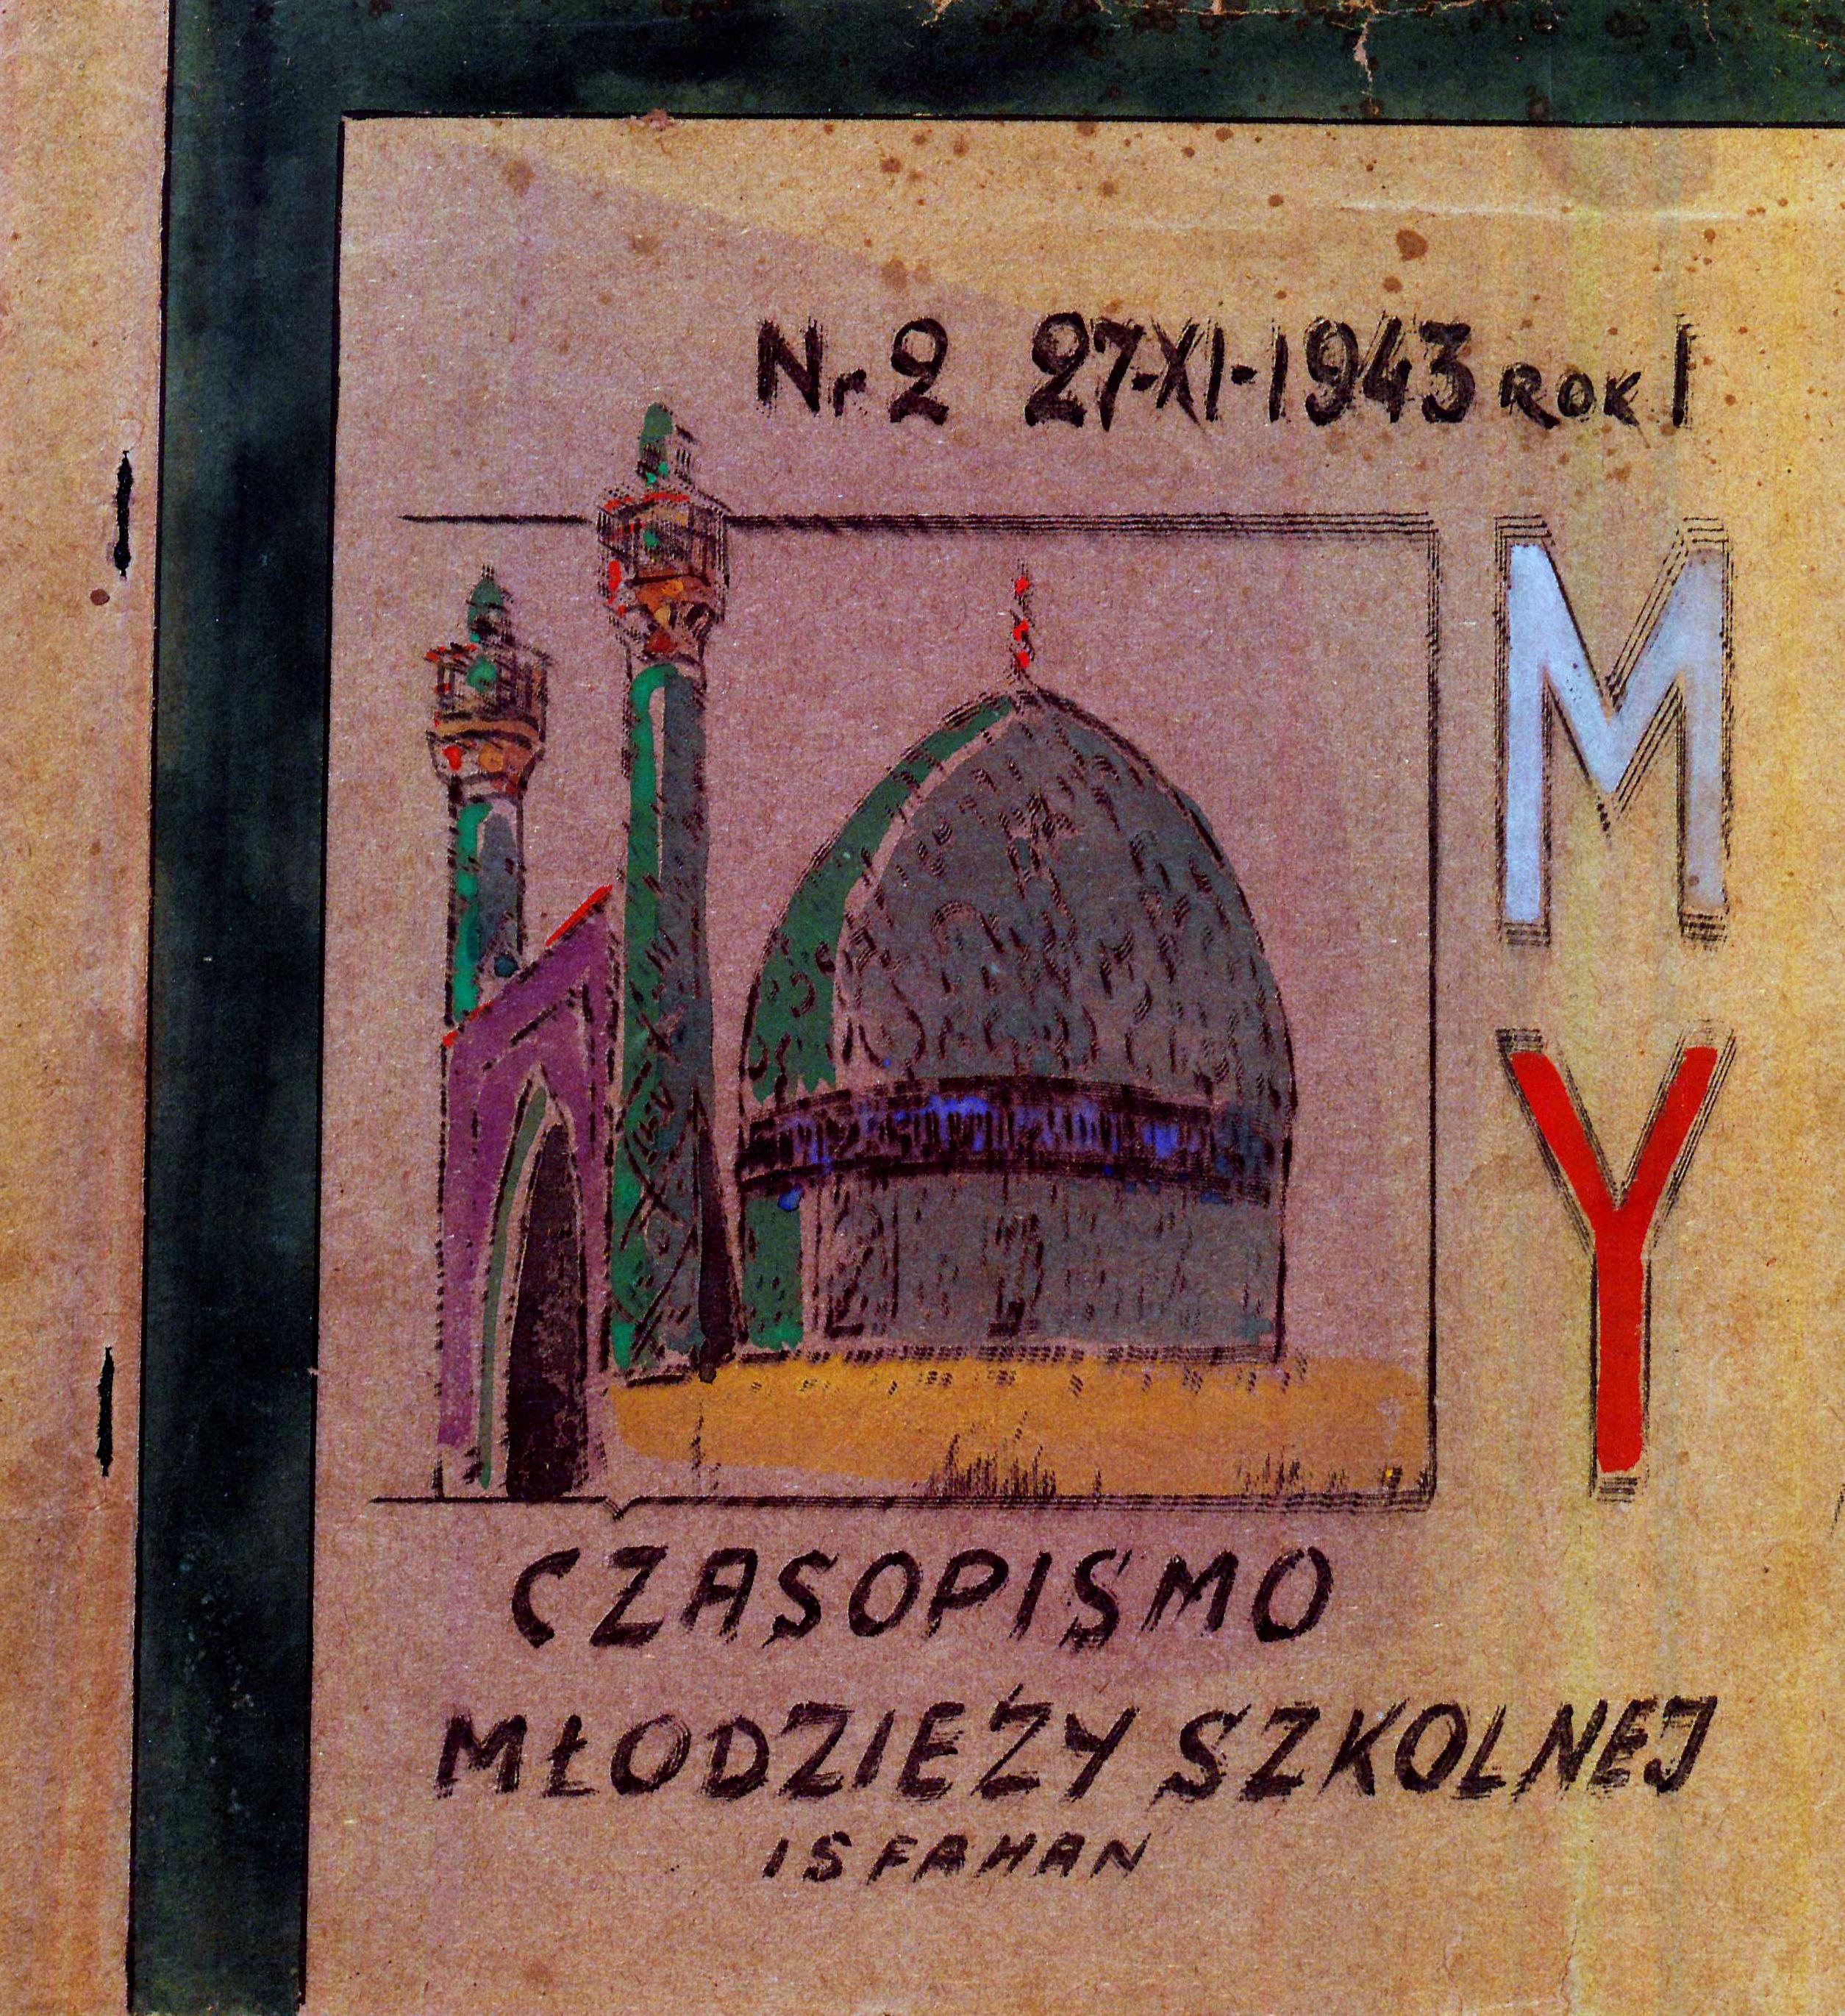 """<div class='inner-box'><div class='close-desc'></div><span class='opis'>""""My"""" - Czasopismo młodzieży szkolnej. Wydawane przez Delegaturę Urzędu Oświaty i Spraw Szkolnych - Inspektorat Szkolny w Isfahanie. Ukazywało się w latach 1943 -1946, najpierw w Isfahanie w Iraku, potem w Zuk Mikajil w Libanie. Zbiory czasopism AIL.</span><div class='clearfix'></div><span>Sygn. sm00443</span><div class='clearfix'></div><span>© Instytut Literacki</span></div>"""